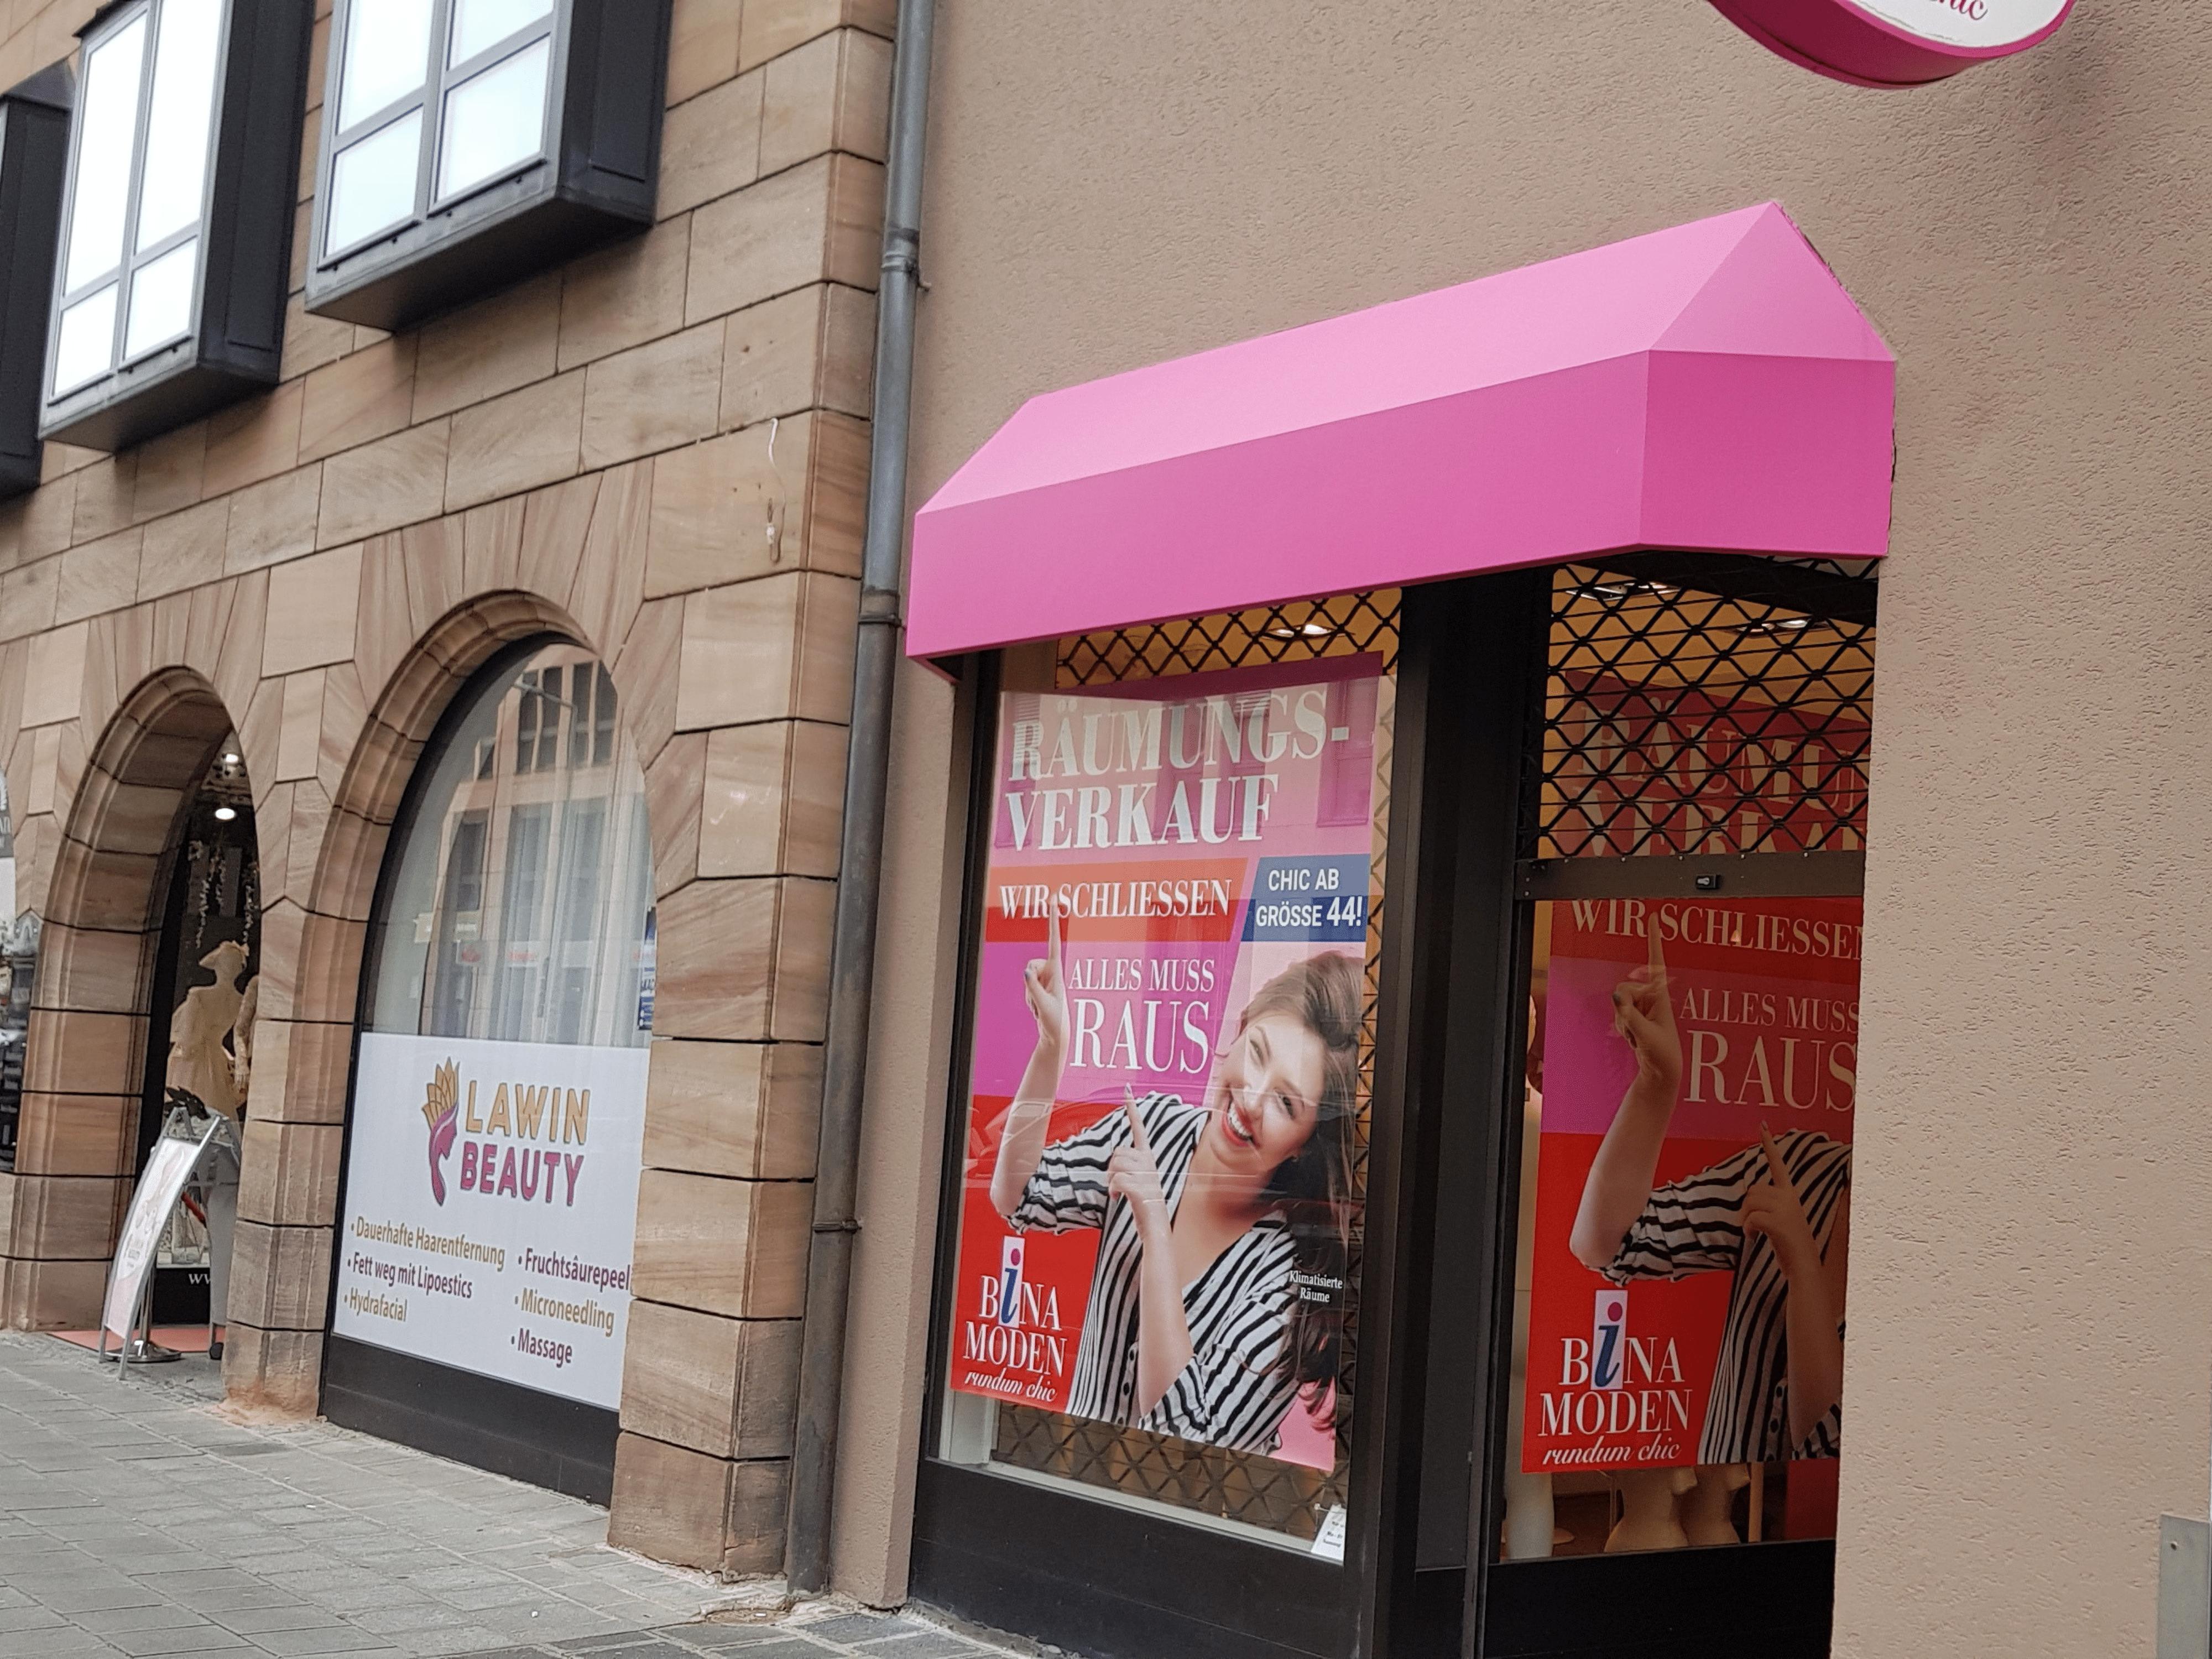 SIGG Zeit zum Handeln Räumungsverkauf Geschäftsaufgabe  Bina Moden Nürnberg Fassade Schaufenster